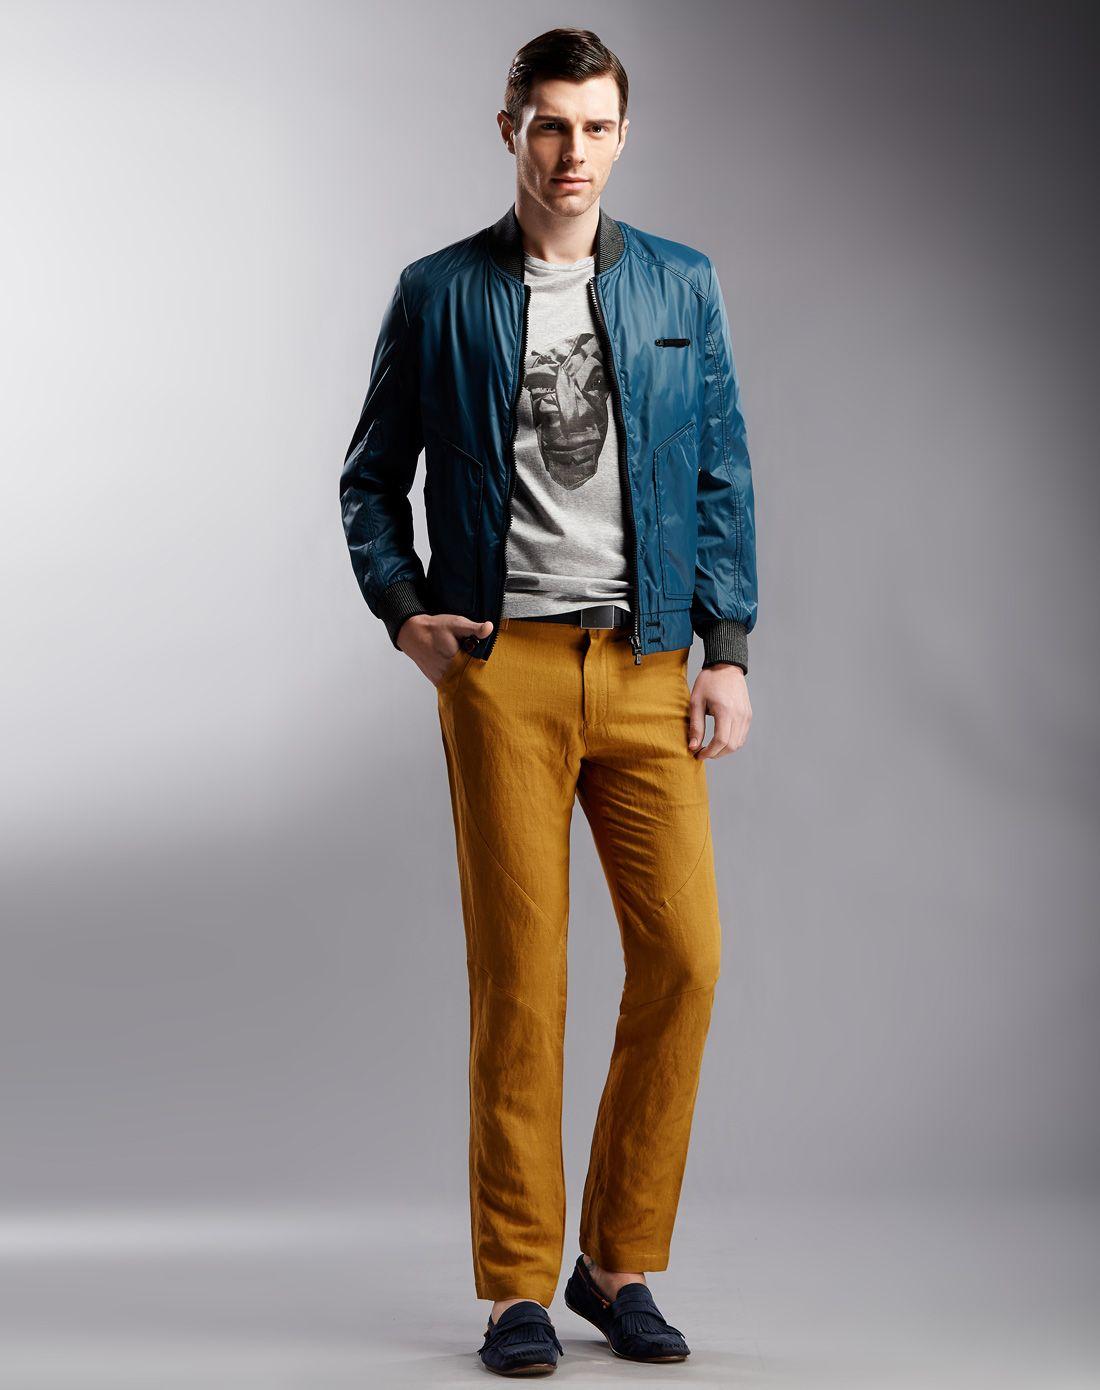 男士新款高檔舒適時尚格調休閑裝圖片